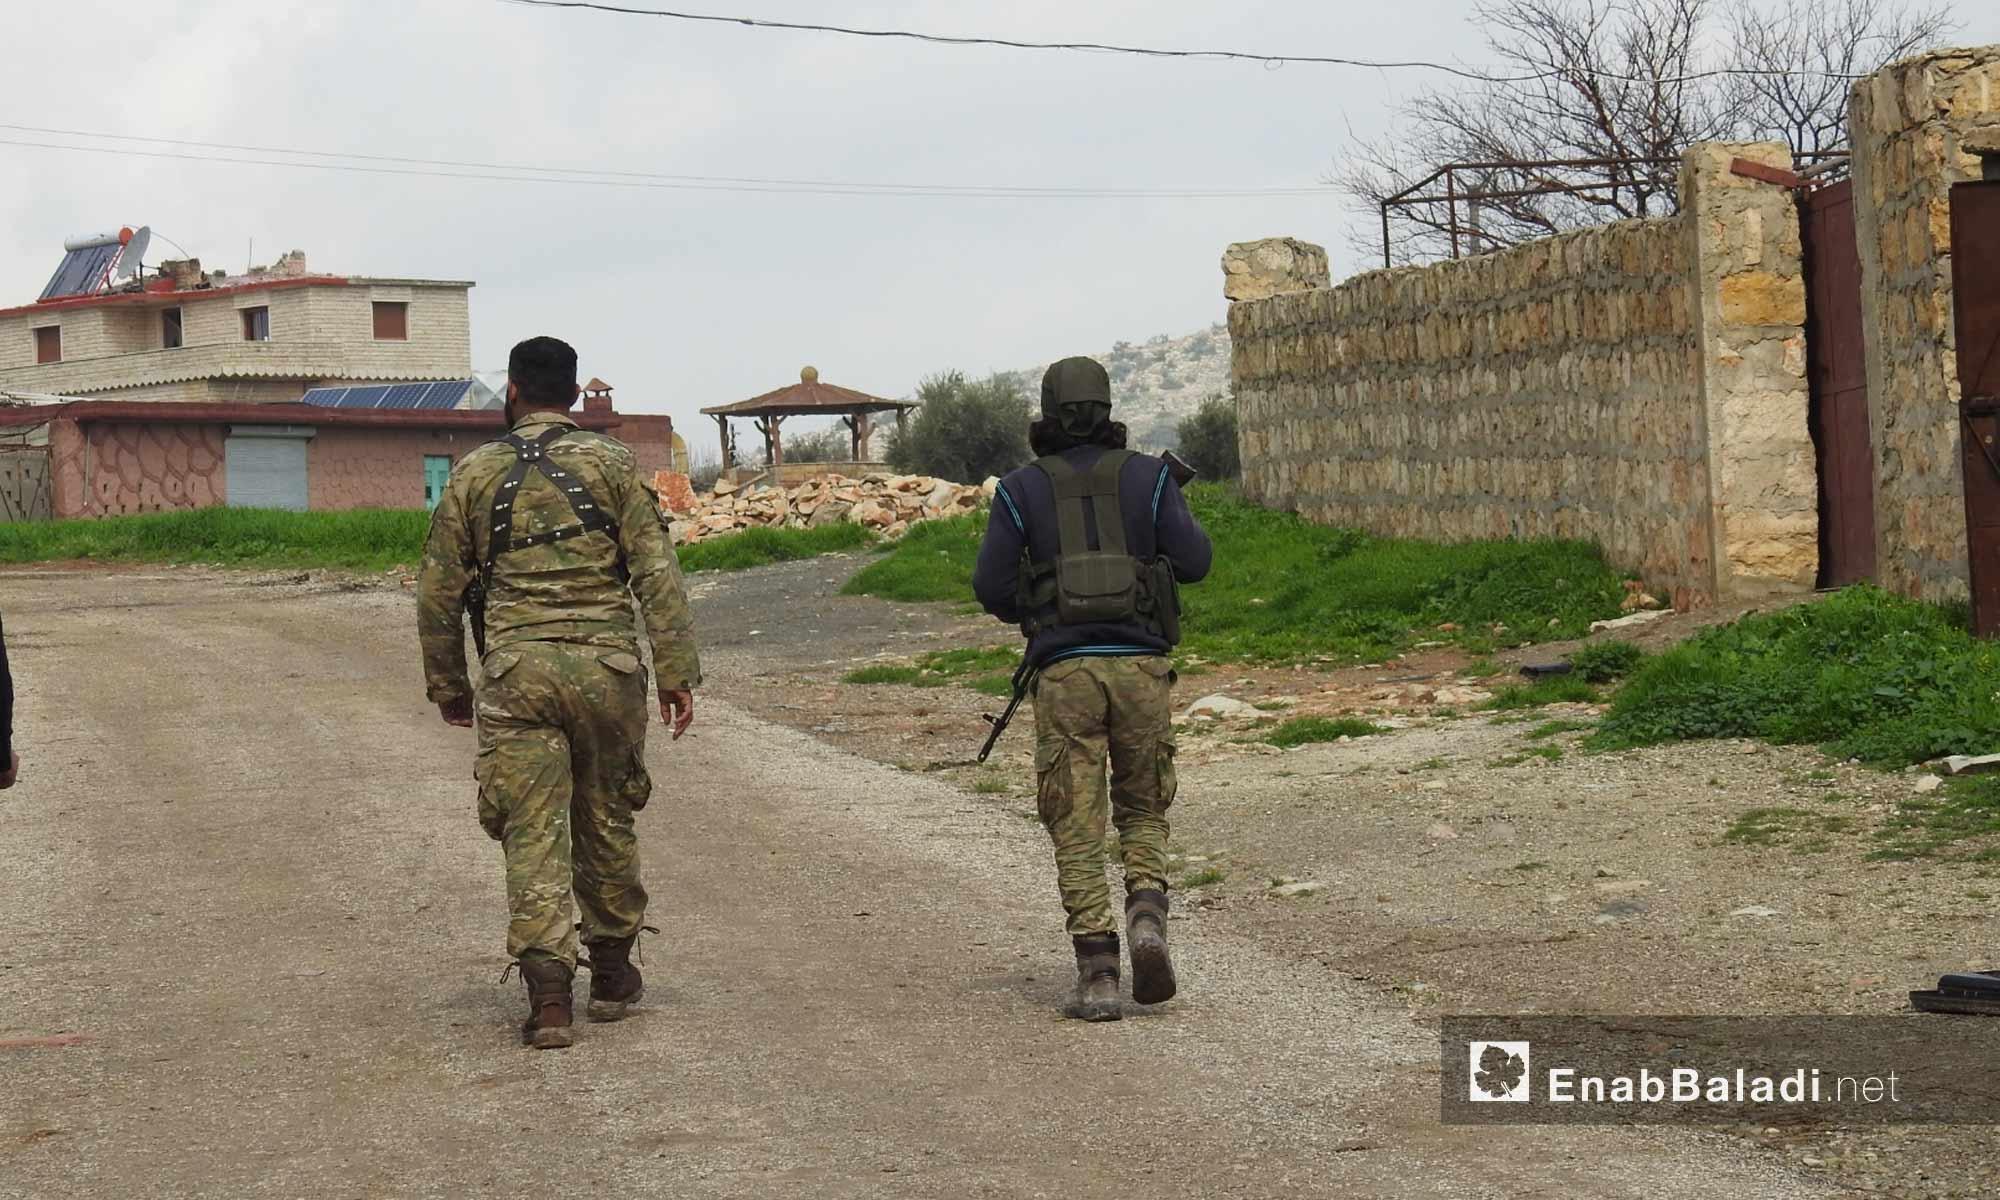 عناصر من الجيش الحر في قرية زيتونة بمحيط منطقة عفرين - 5 آذار 2018 (عنب بلدي)